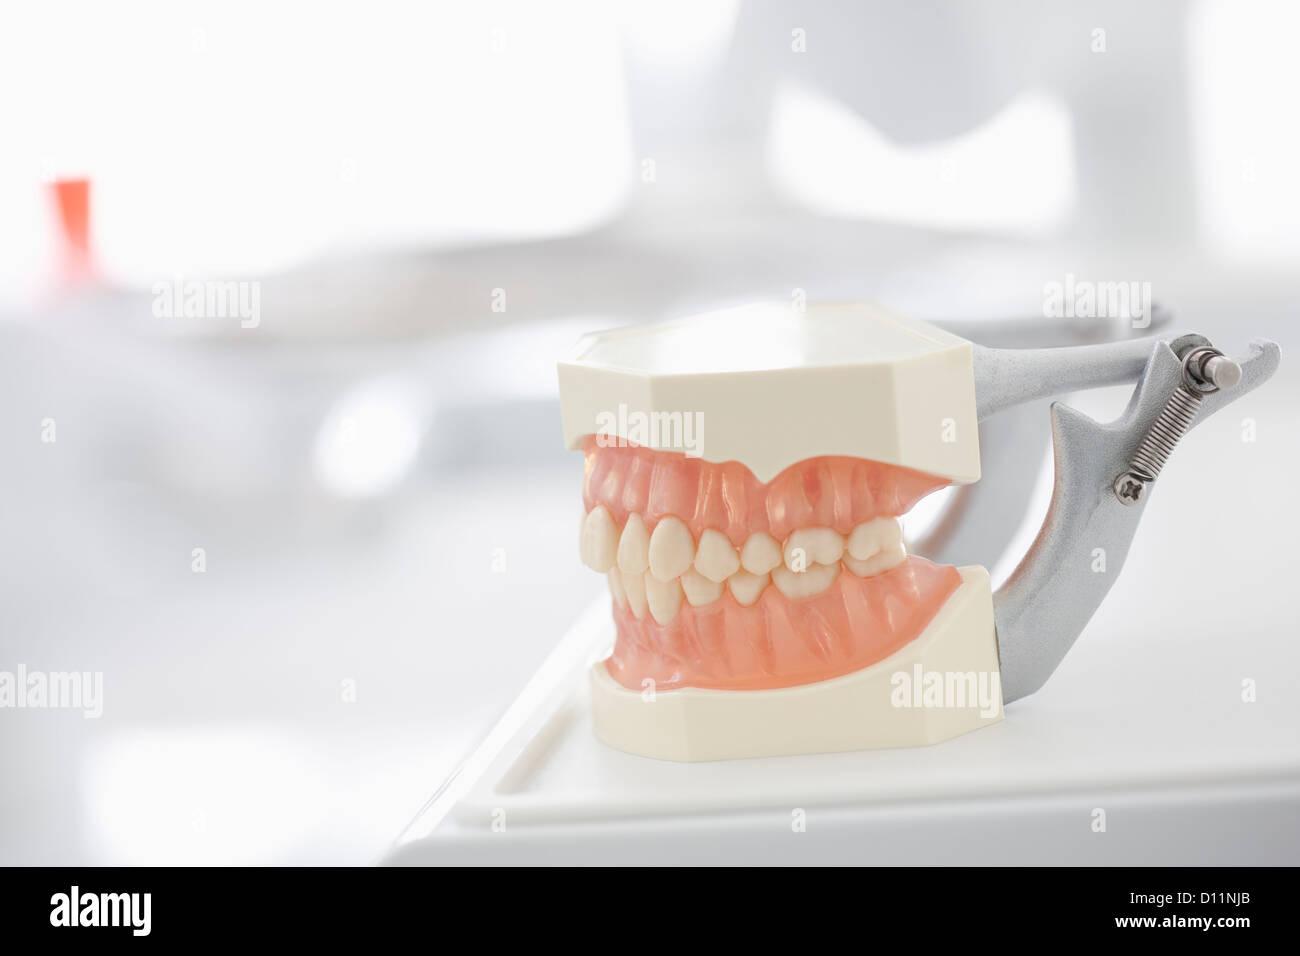 Germania, mostra le dentiere in studio dentistico Immagini Stock